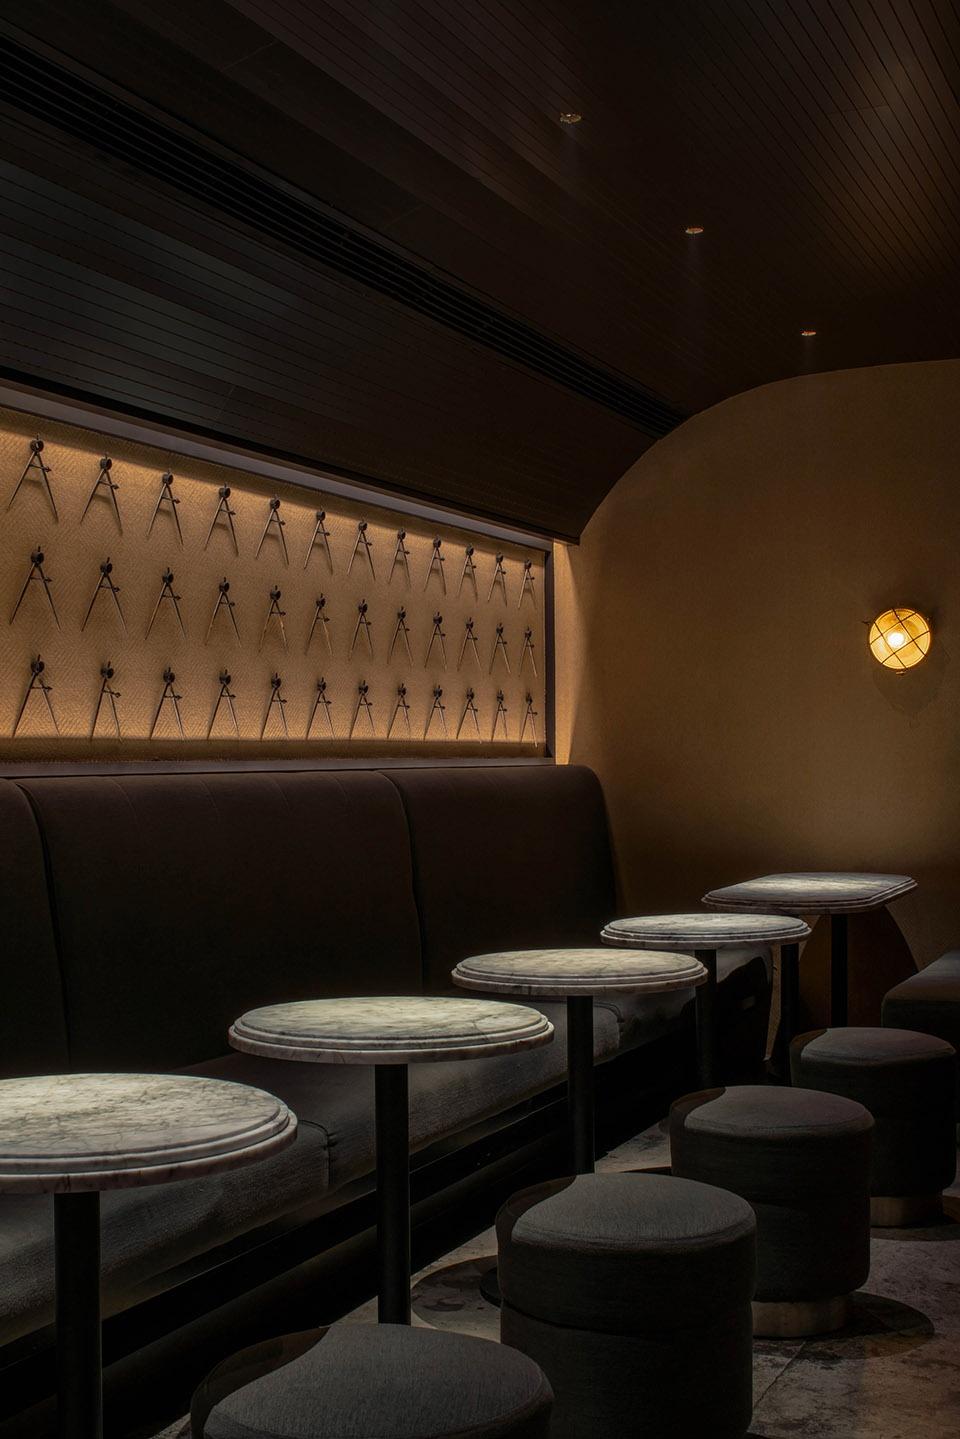 009-bar-pai-china-by-iz-design-studio-960x1439.jpg